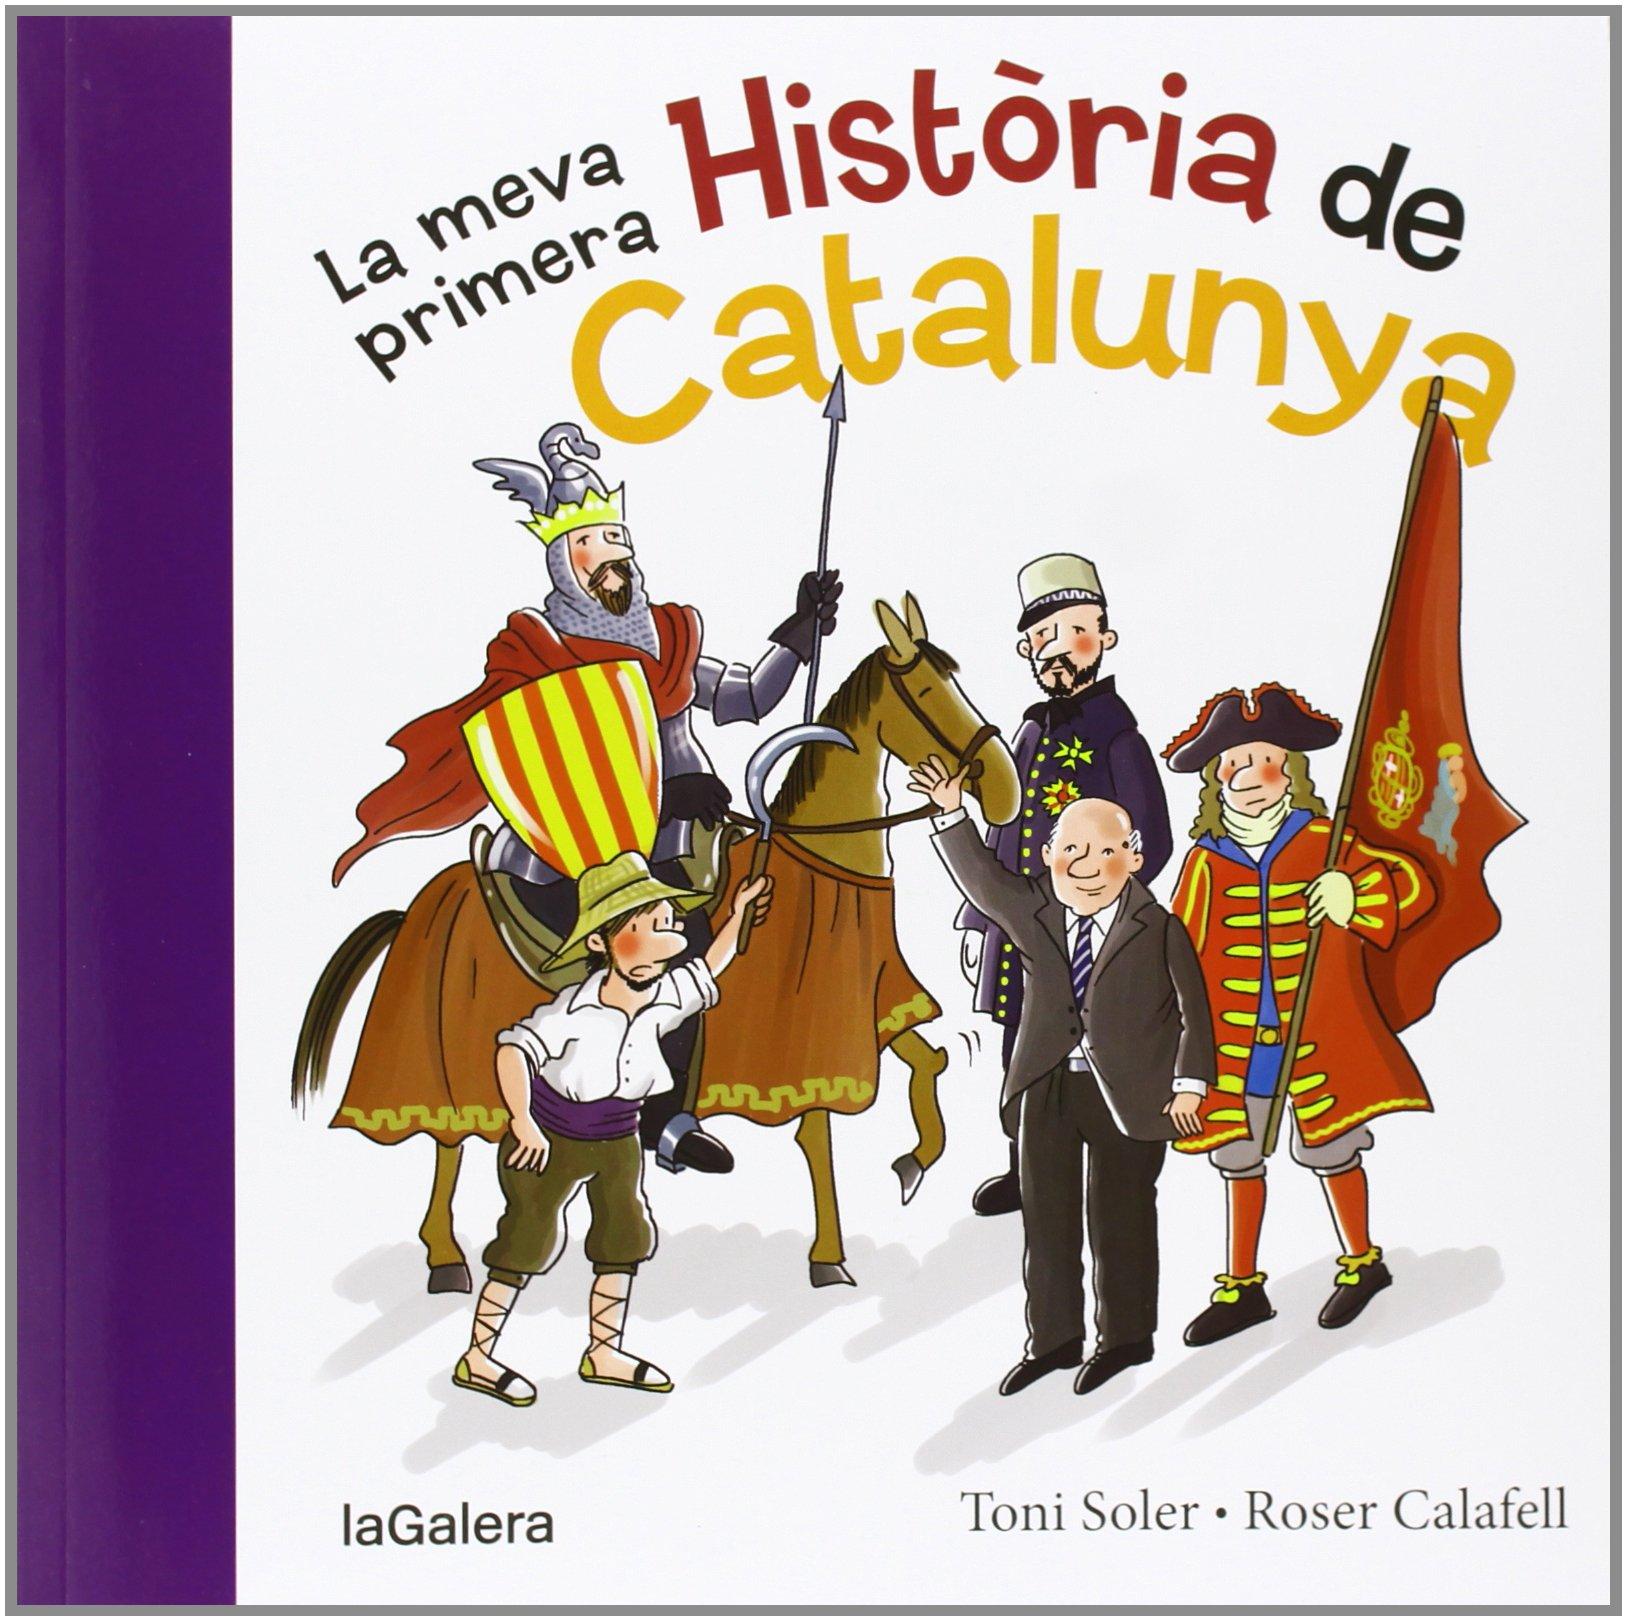 La Meva Primera Història De Catalunya: 96 Tradicions: Amazon.es: Soler i Guasch, Toni, Calafell Serra, Roser: Libros